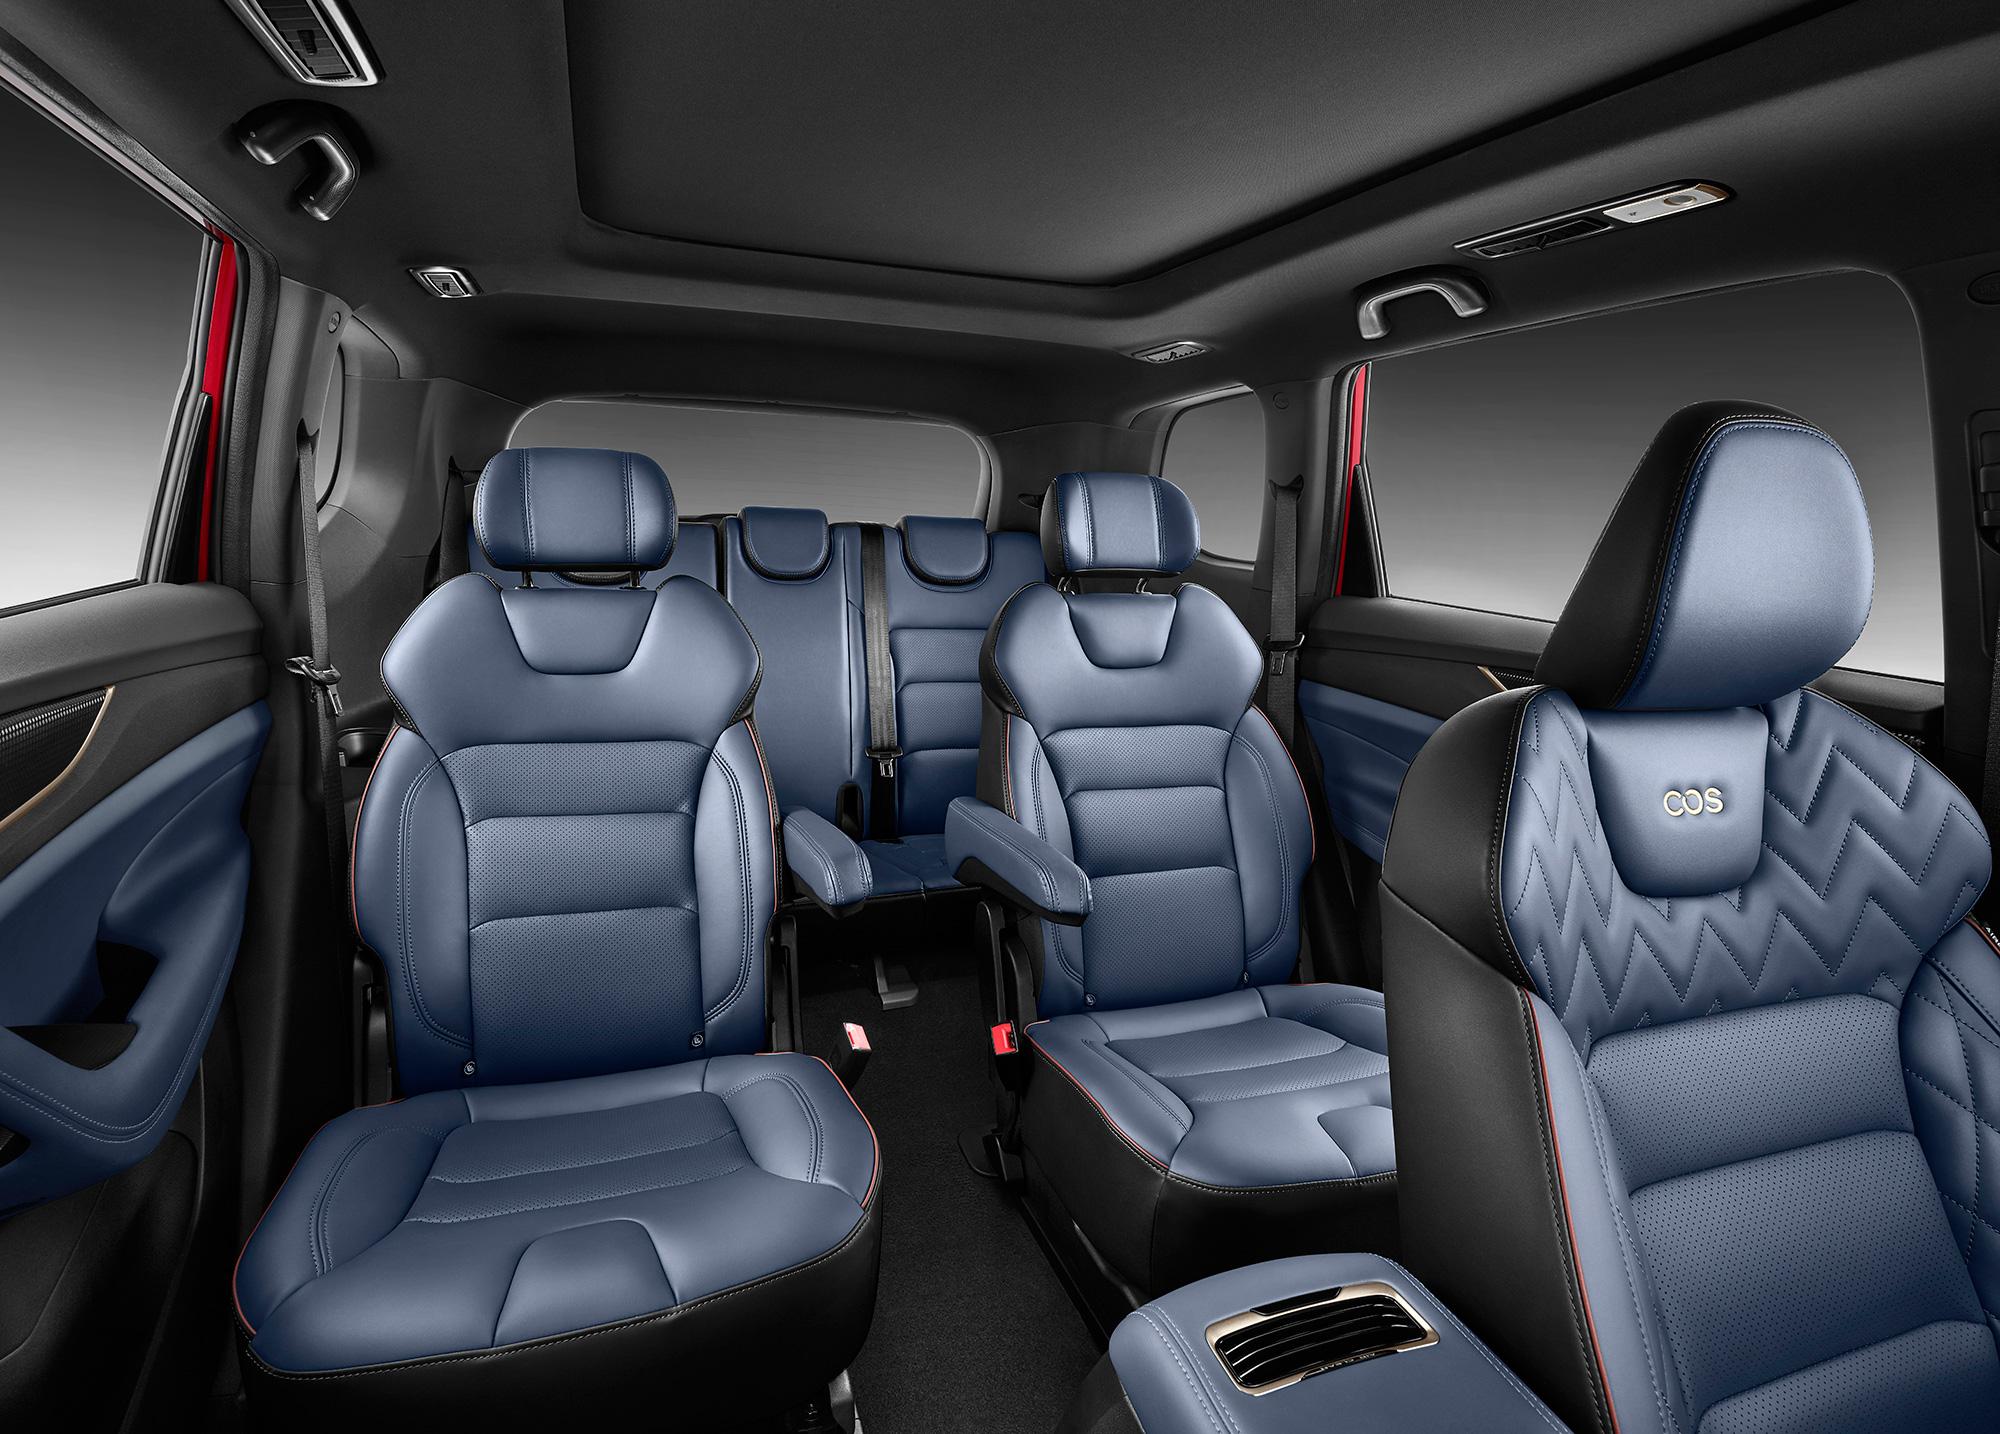 新车上市:欧尚品牌首款中型SUV――COS1° 售价9.38-14.58万元